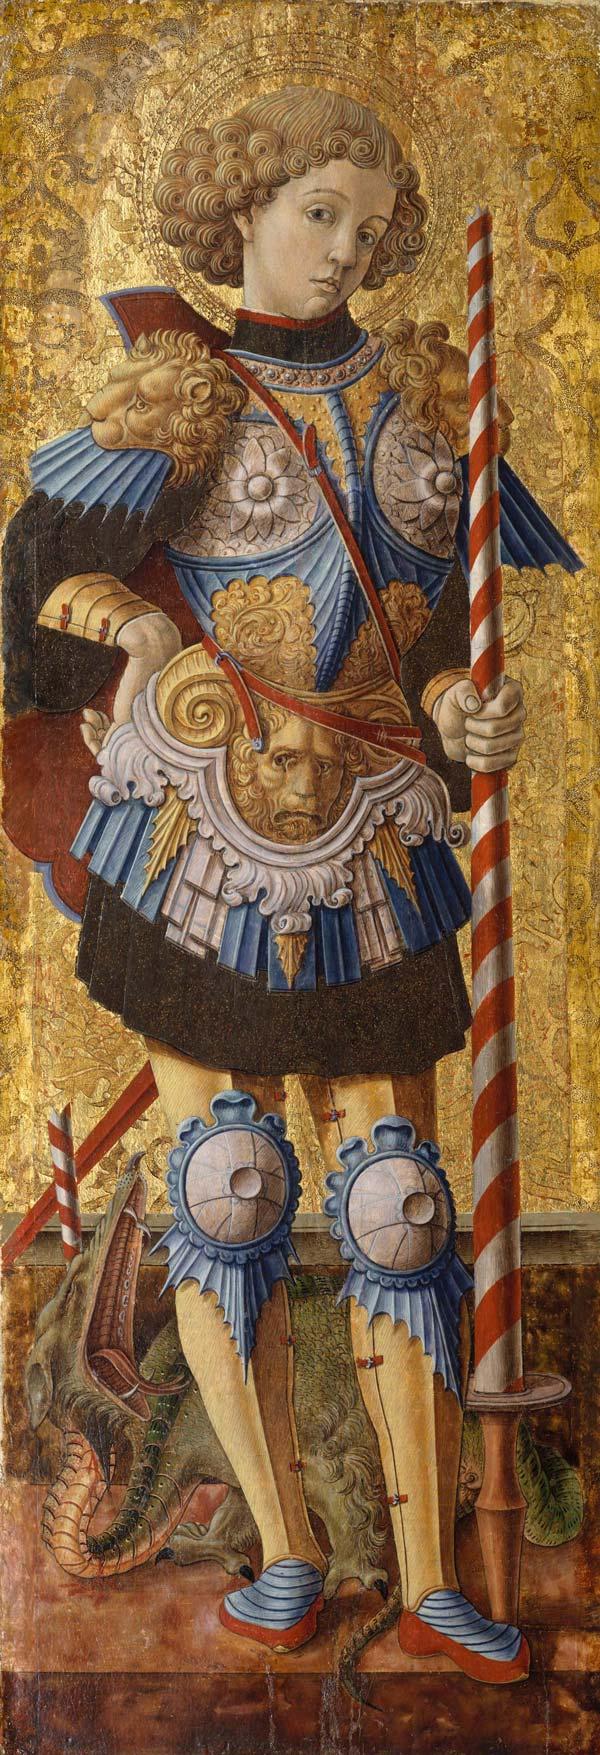 Ornament and Illusion: Carlo Crivelli of Venice - Isabella